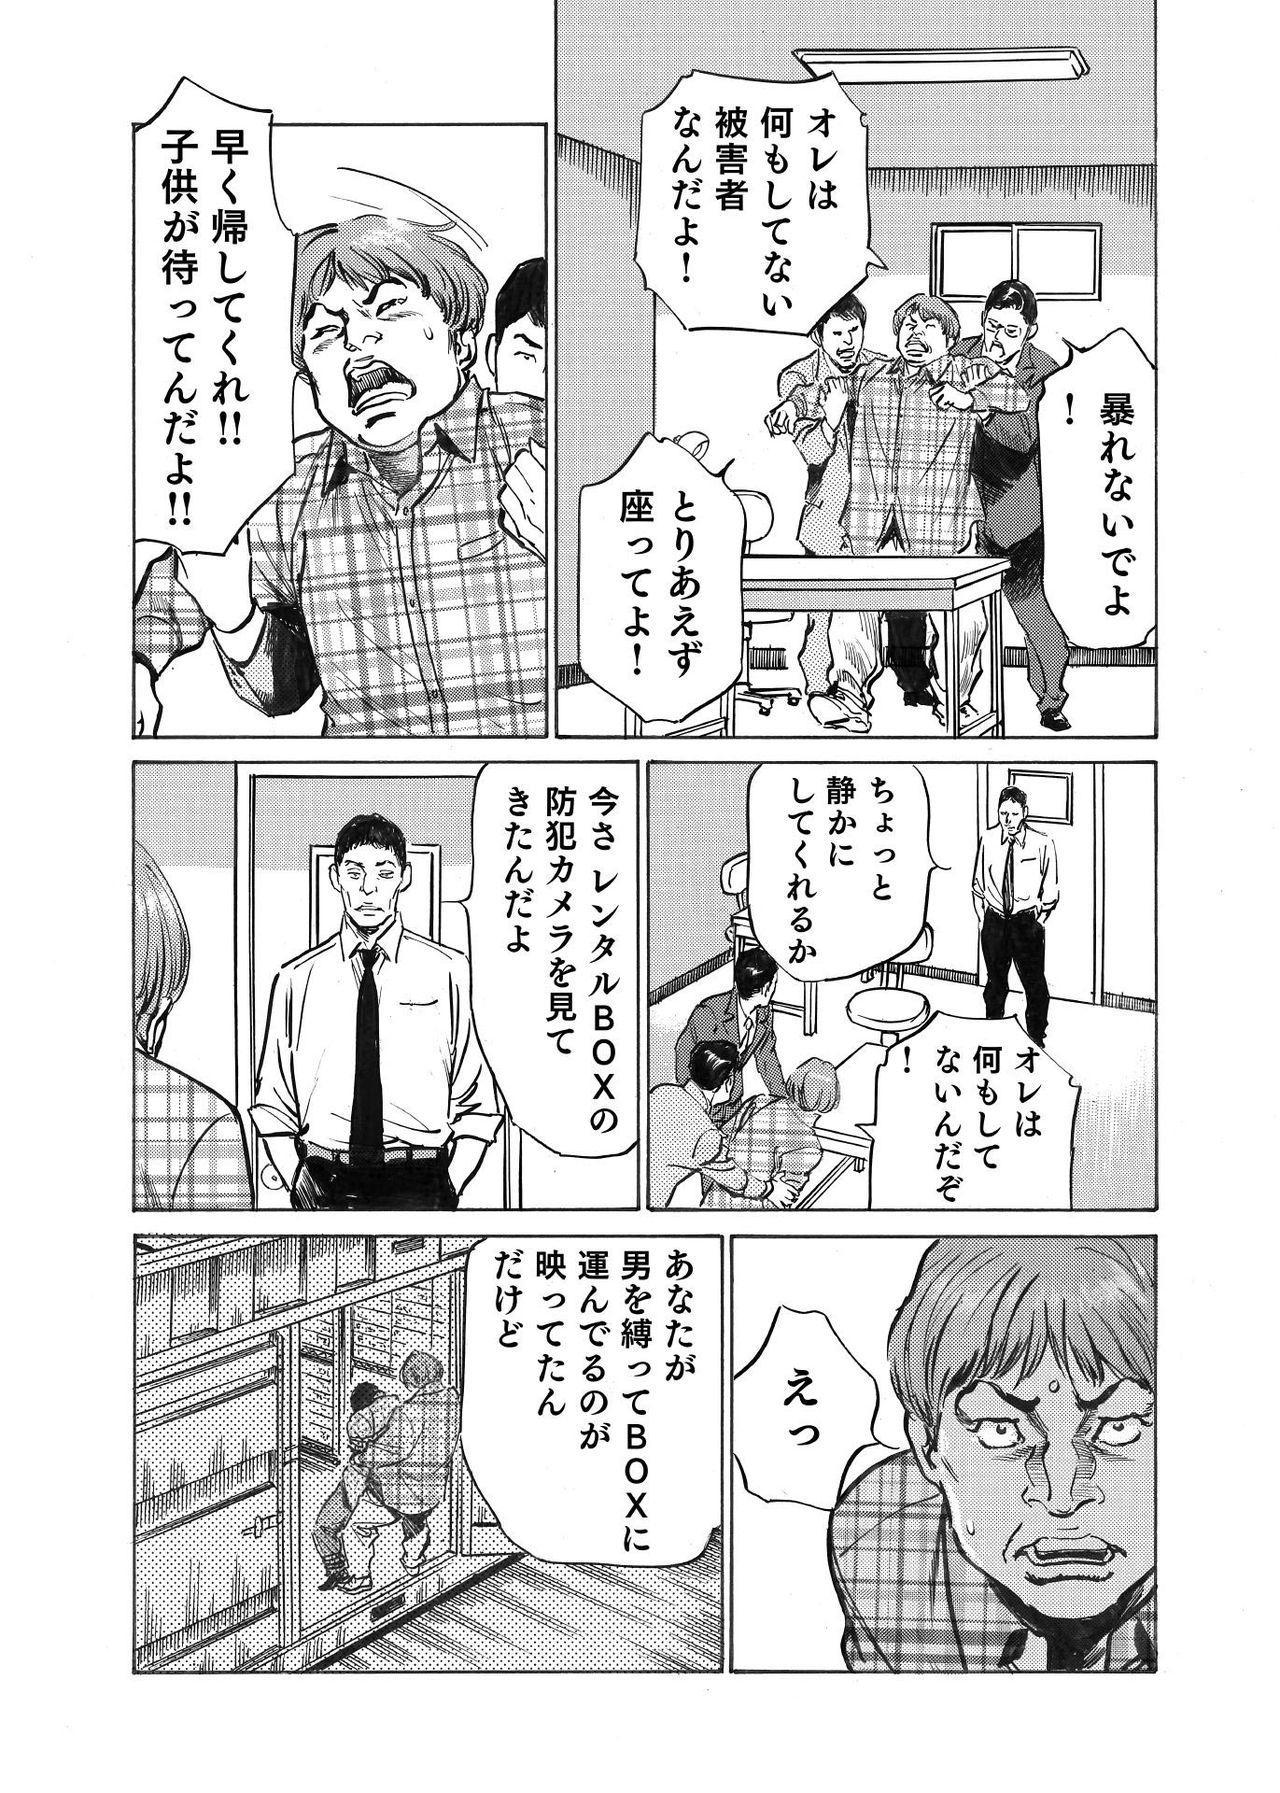 Ore wa Tsuma no Koto o Yoku Shiranai 1-9 75